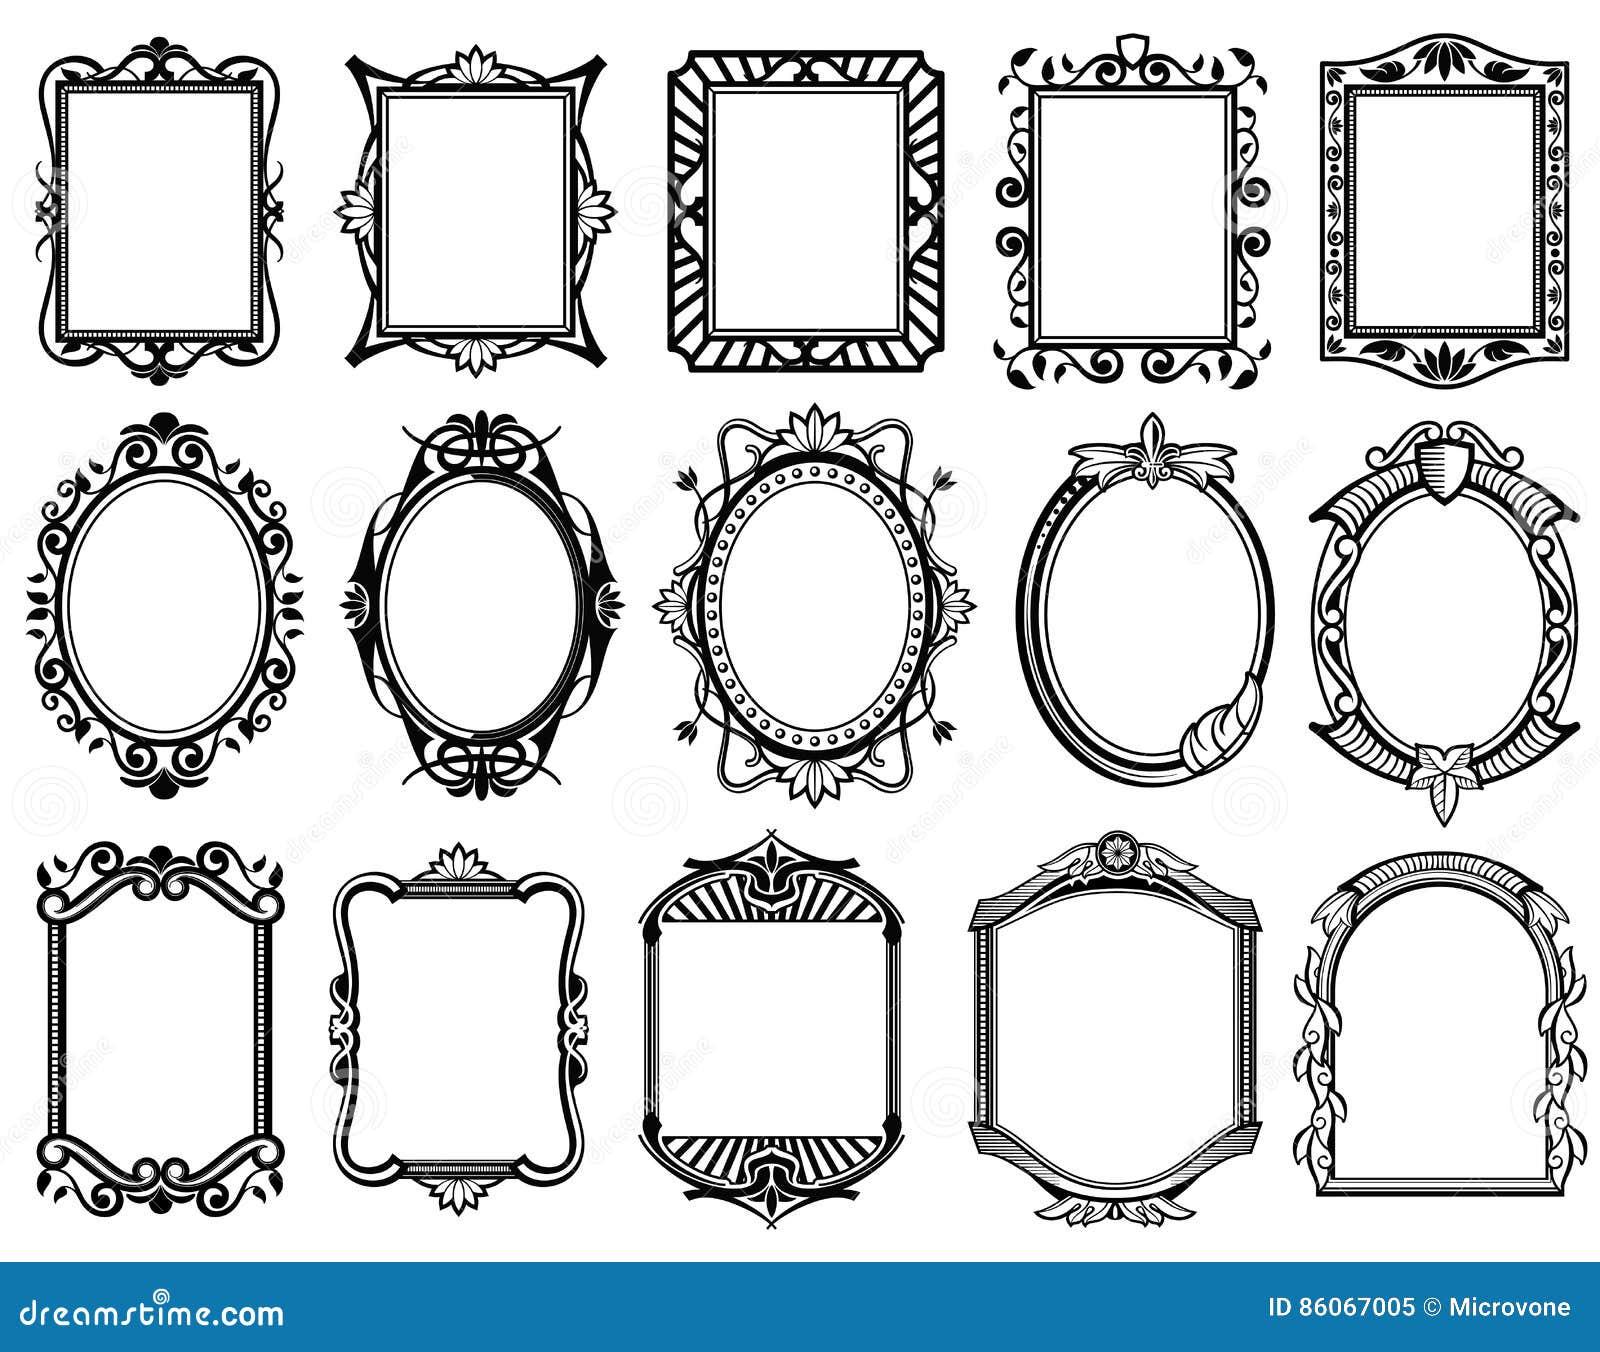 victorian de vintage le baroque cadre rococo pour le miroir menu collection de vecteur de. Black Bedroom Furniture Sets. Home Design Ideas